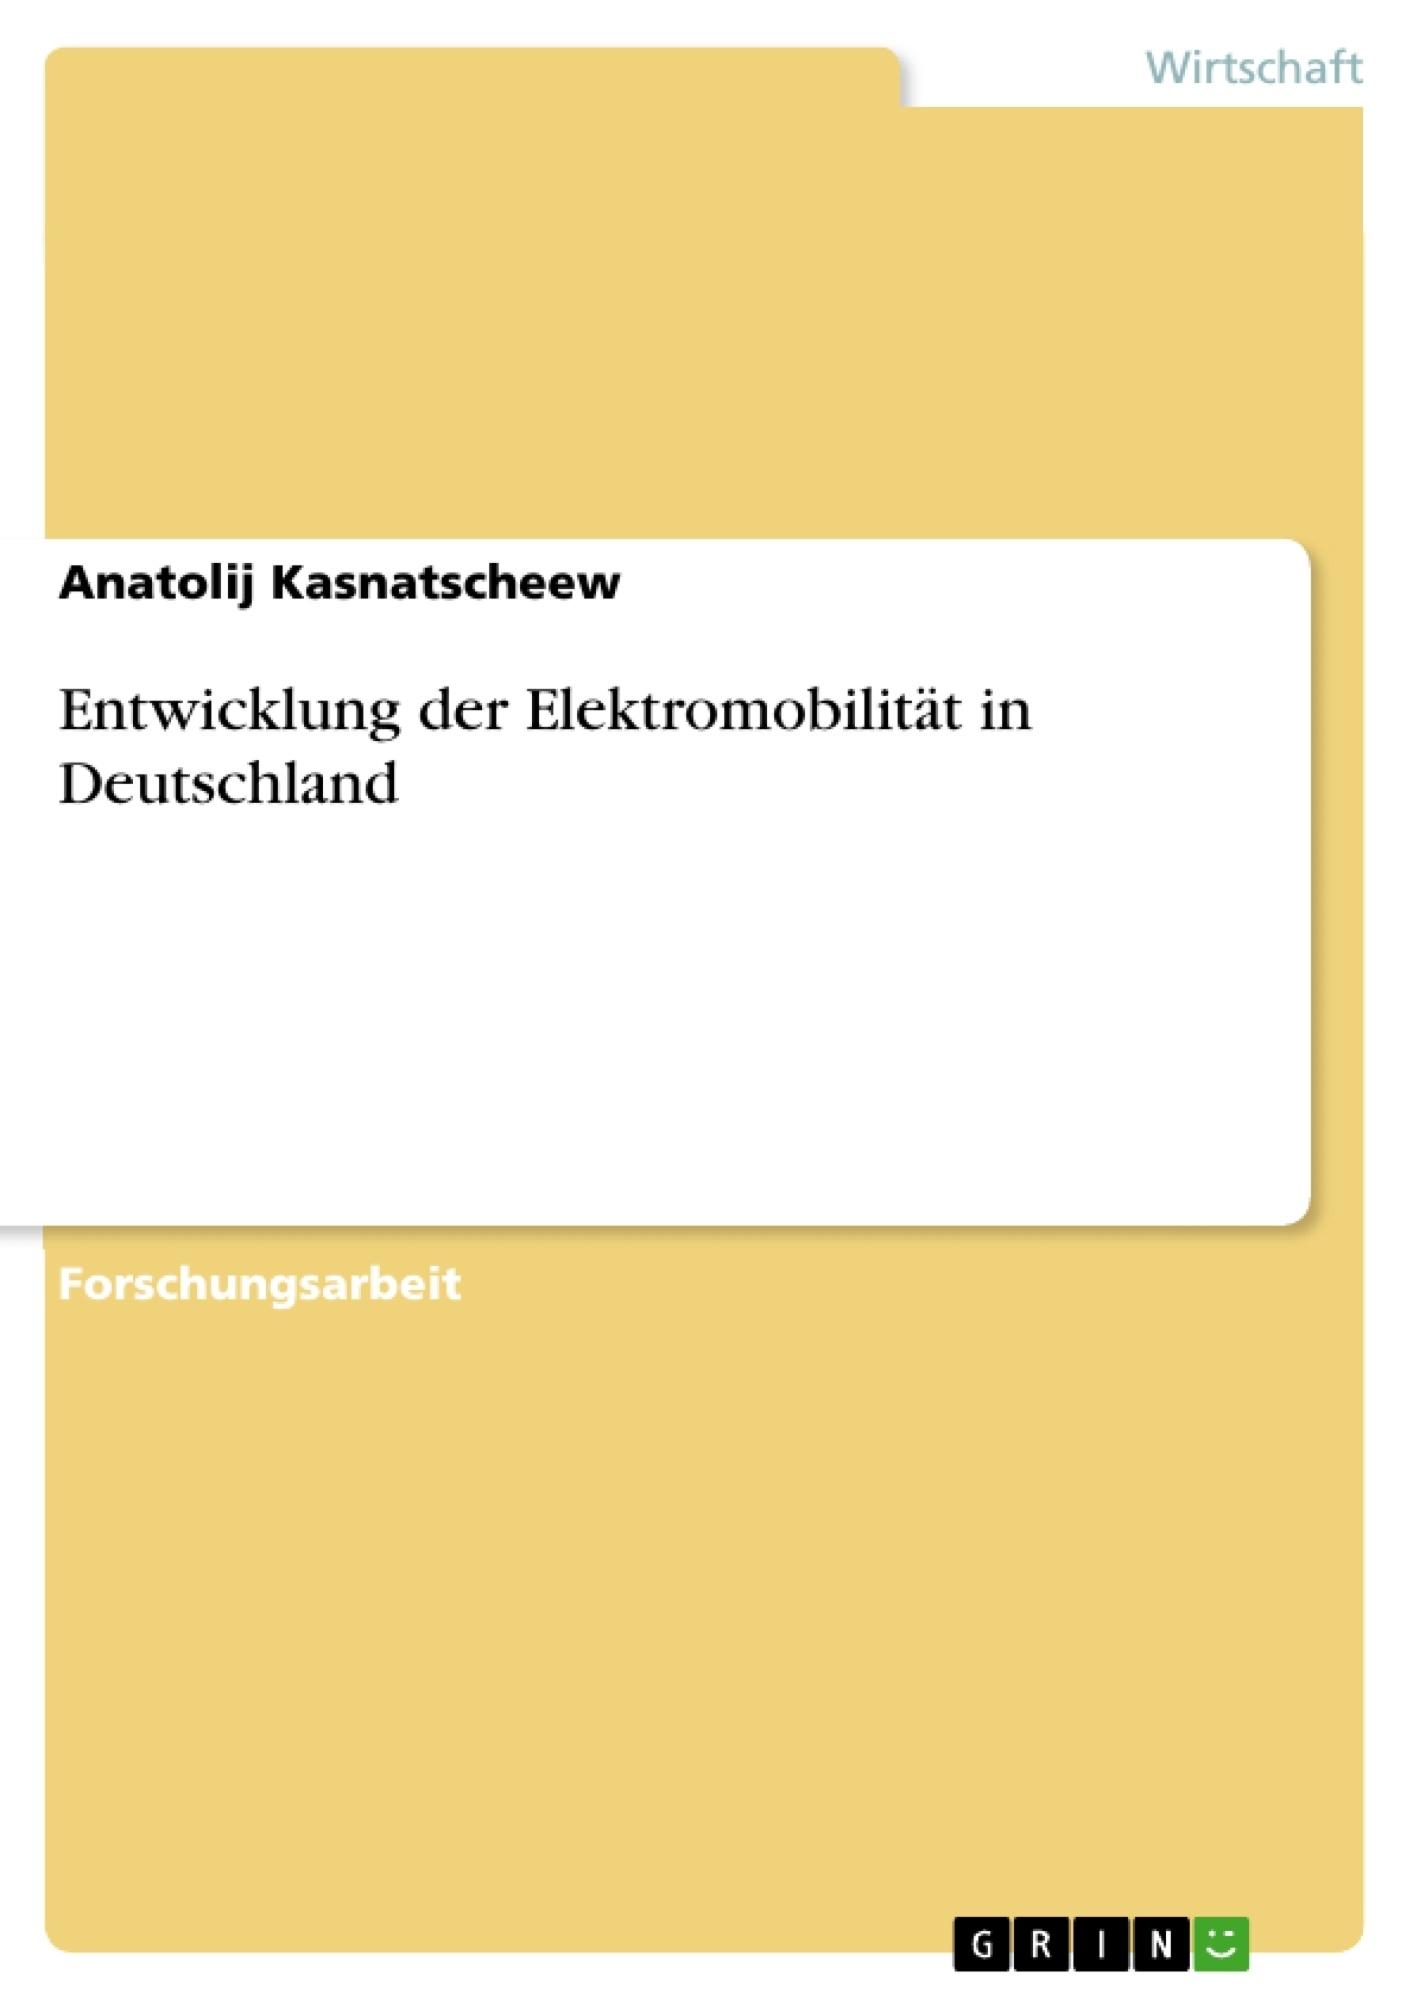 Titel: Entwicklung der Elektromobilität in Deutschland